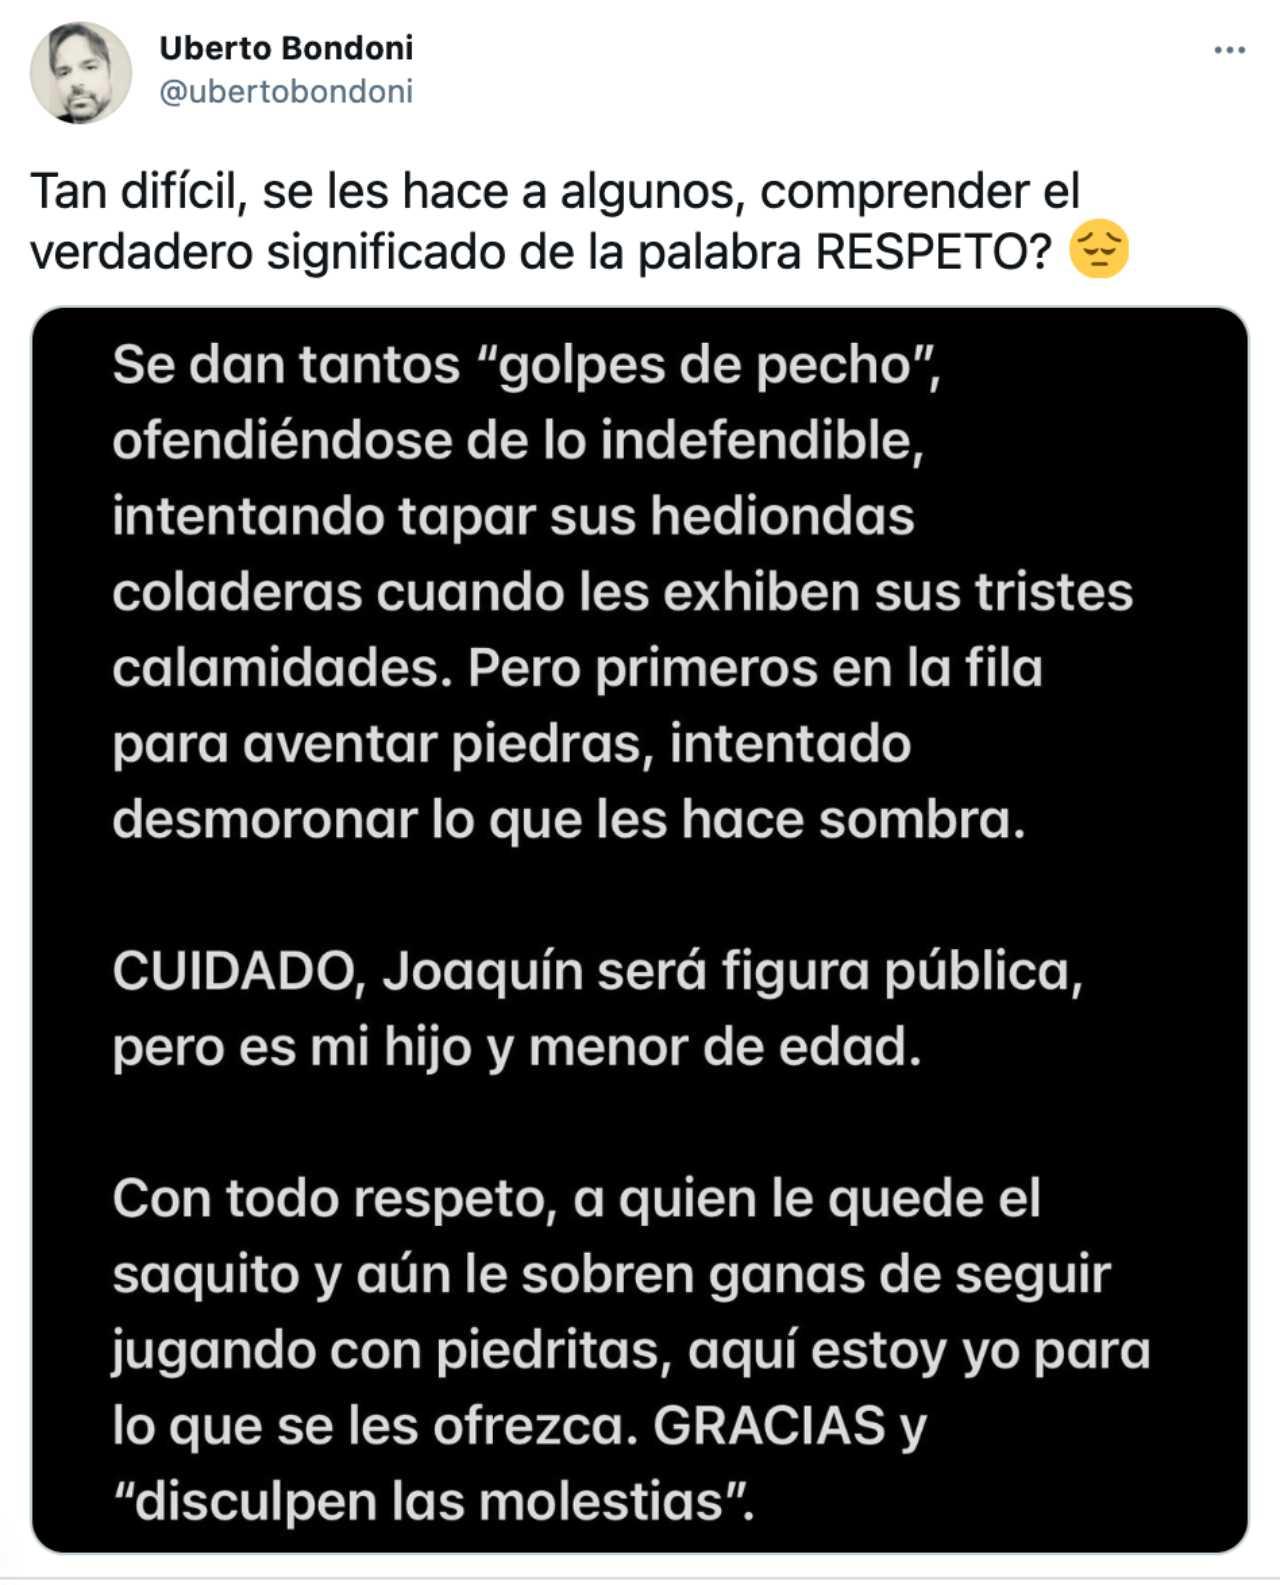 La respuesta del papá de Joaquín Bondoni a Galilea Montijo